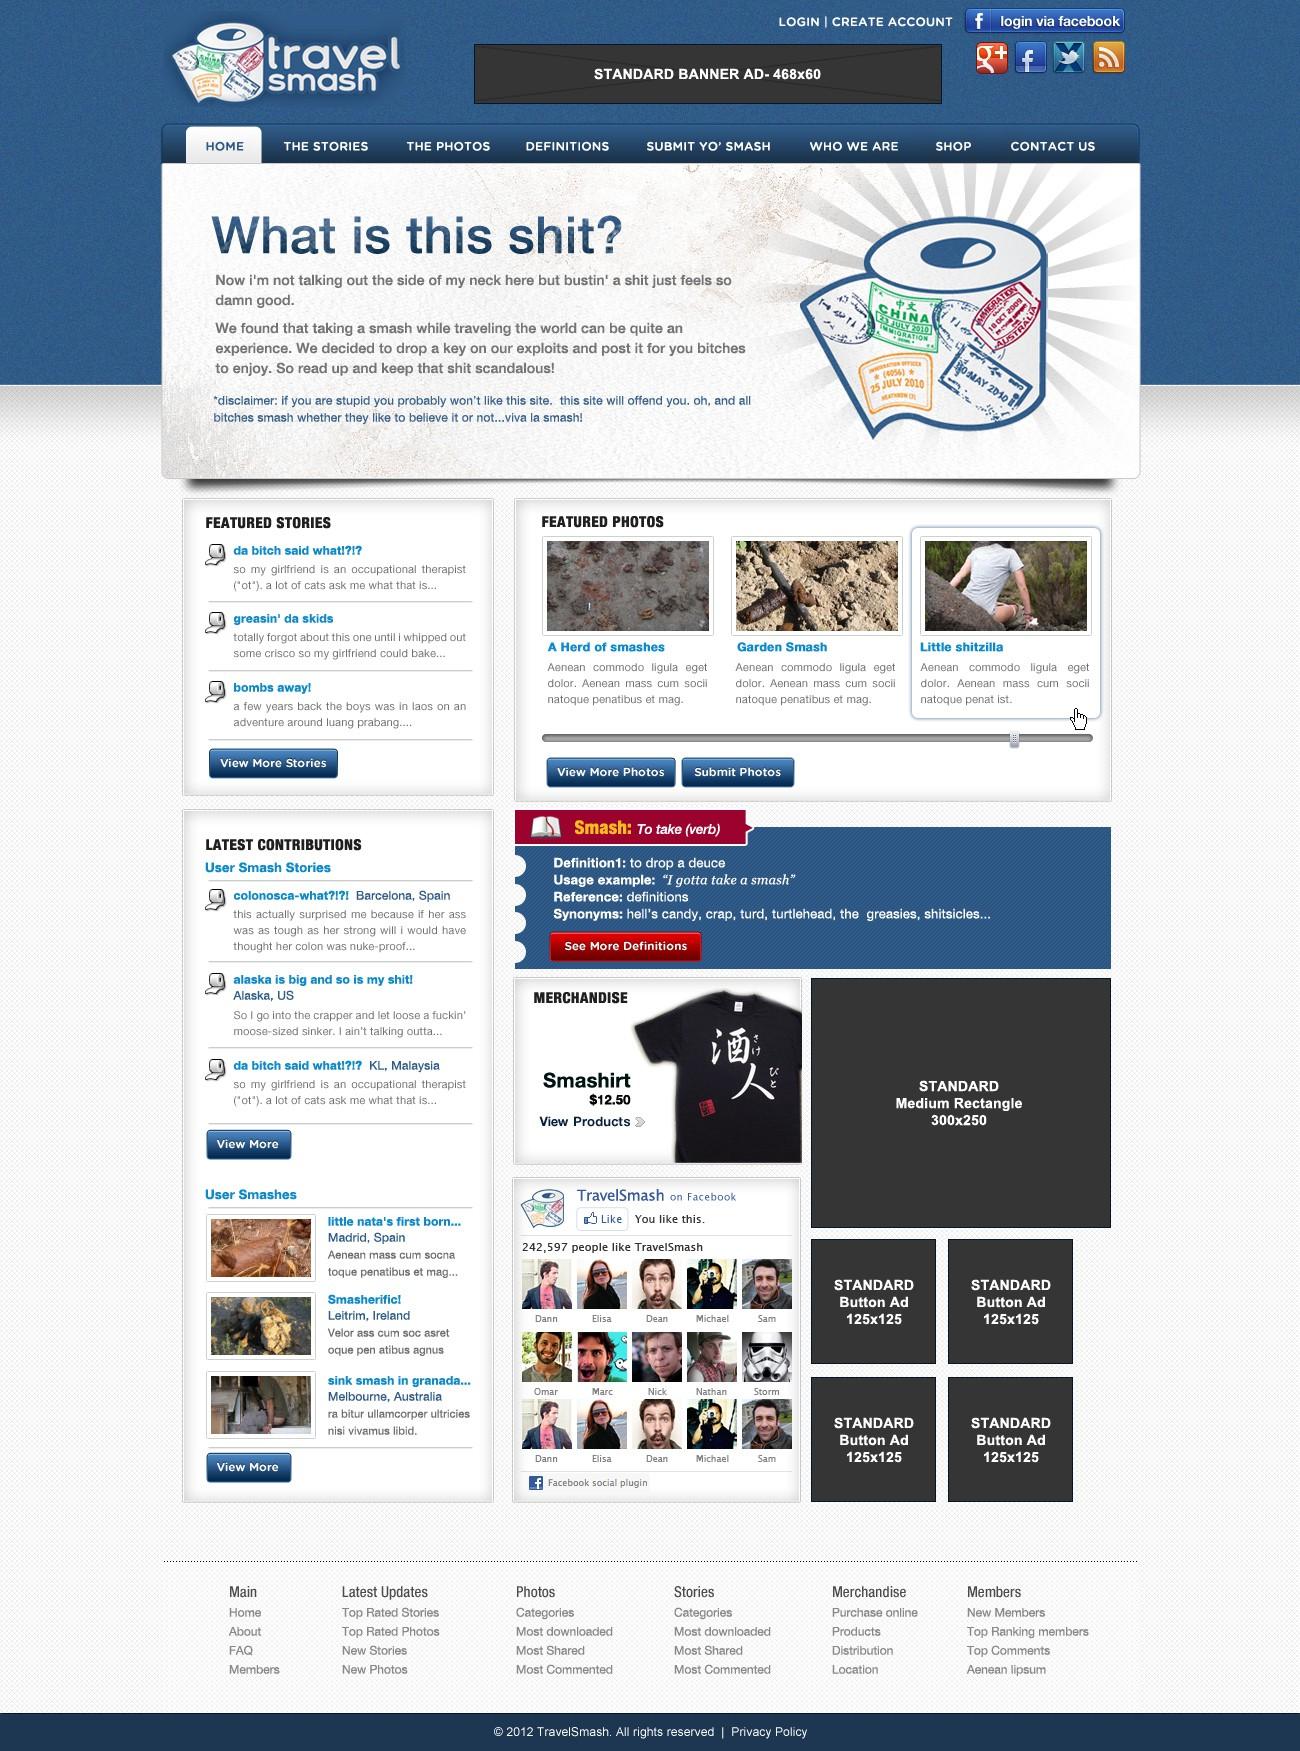 TravelSmash.com needs a new website design